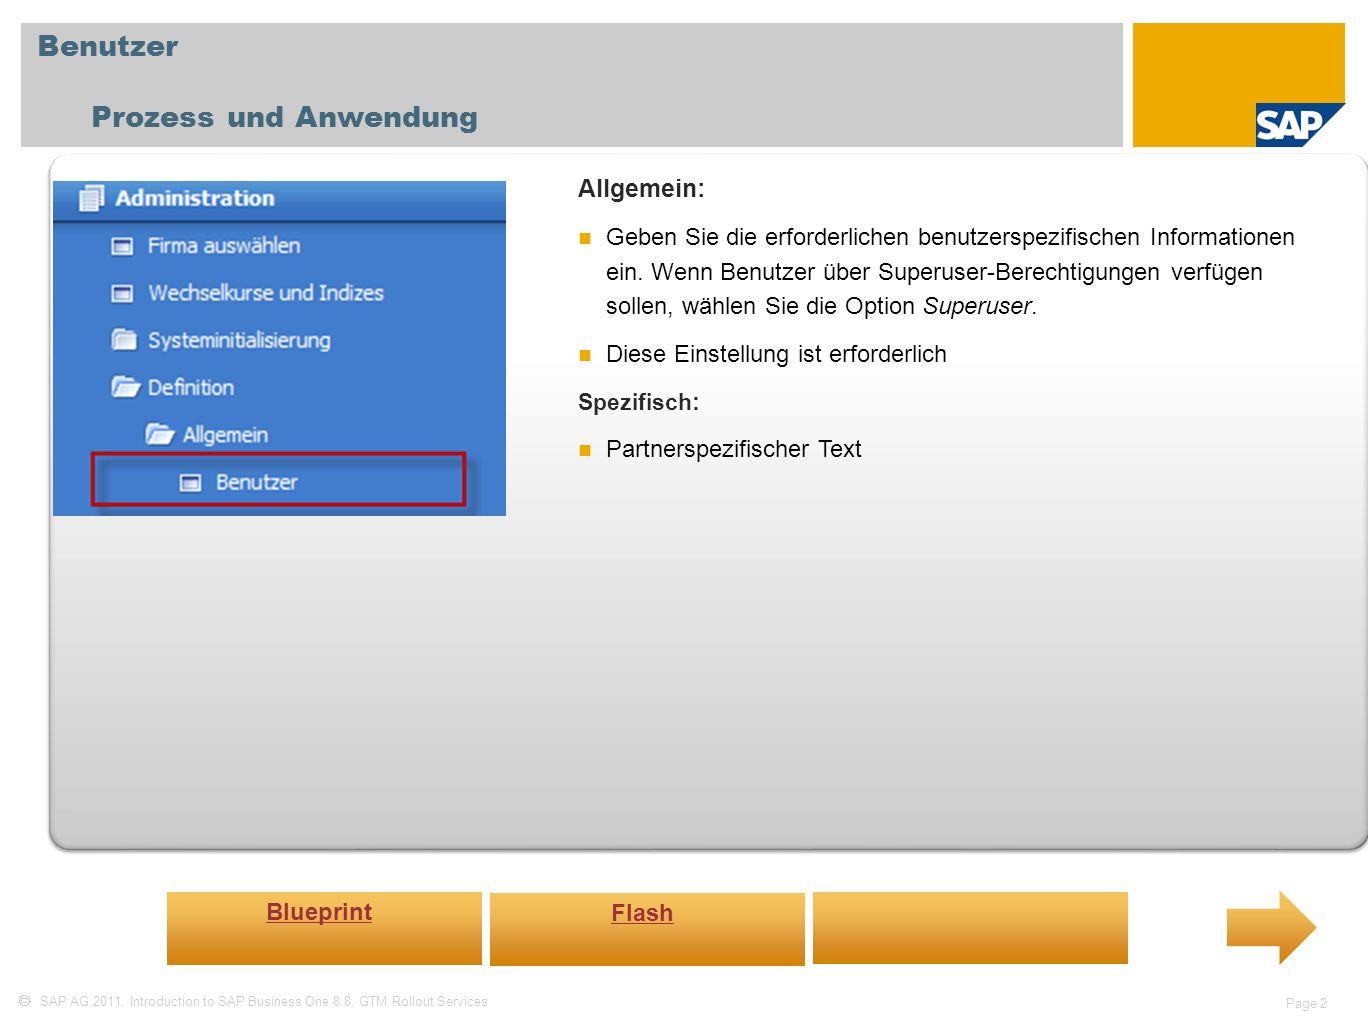 SAP AG 2011, Introduction to SAP Business One 8.8, GTM Rollout Services Page 3 Benutzereinstellungen Prozess und Anwendung Allgemein: Definieren Sie in diesem Fenster Standardwerte, die auf bestimmte Benutzer angewendet werden.